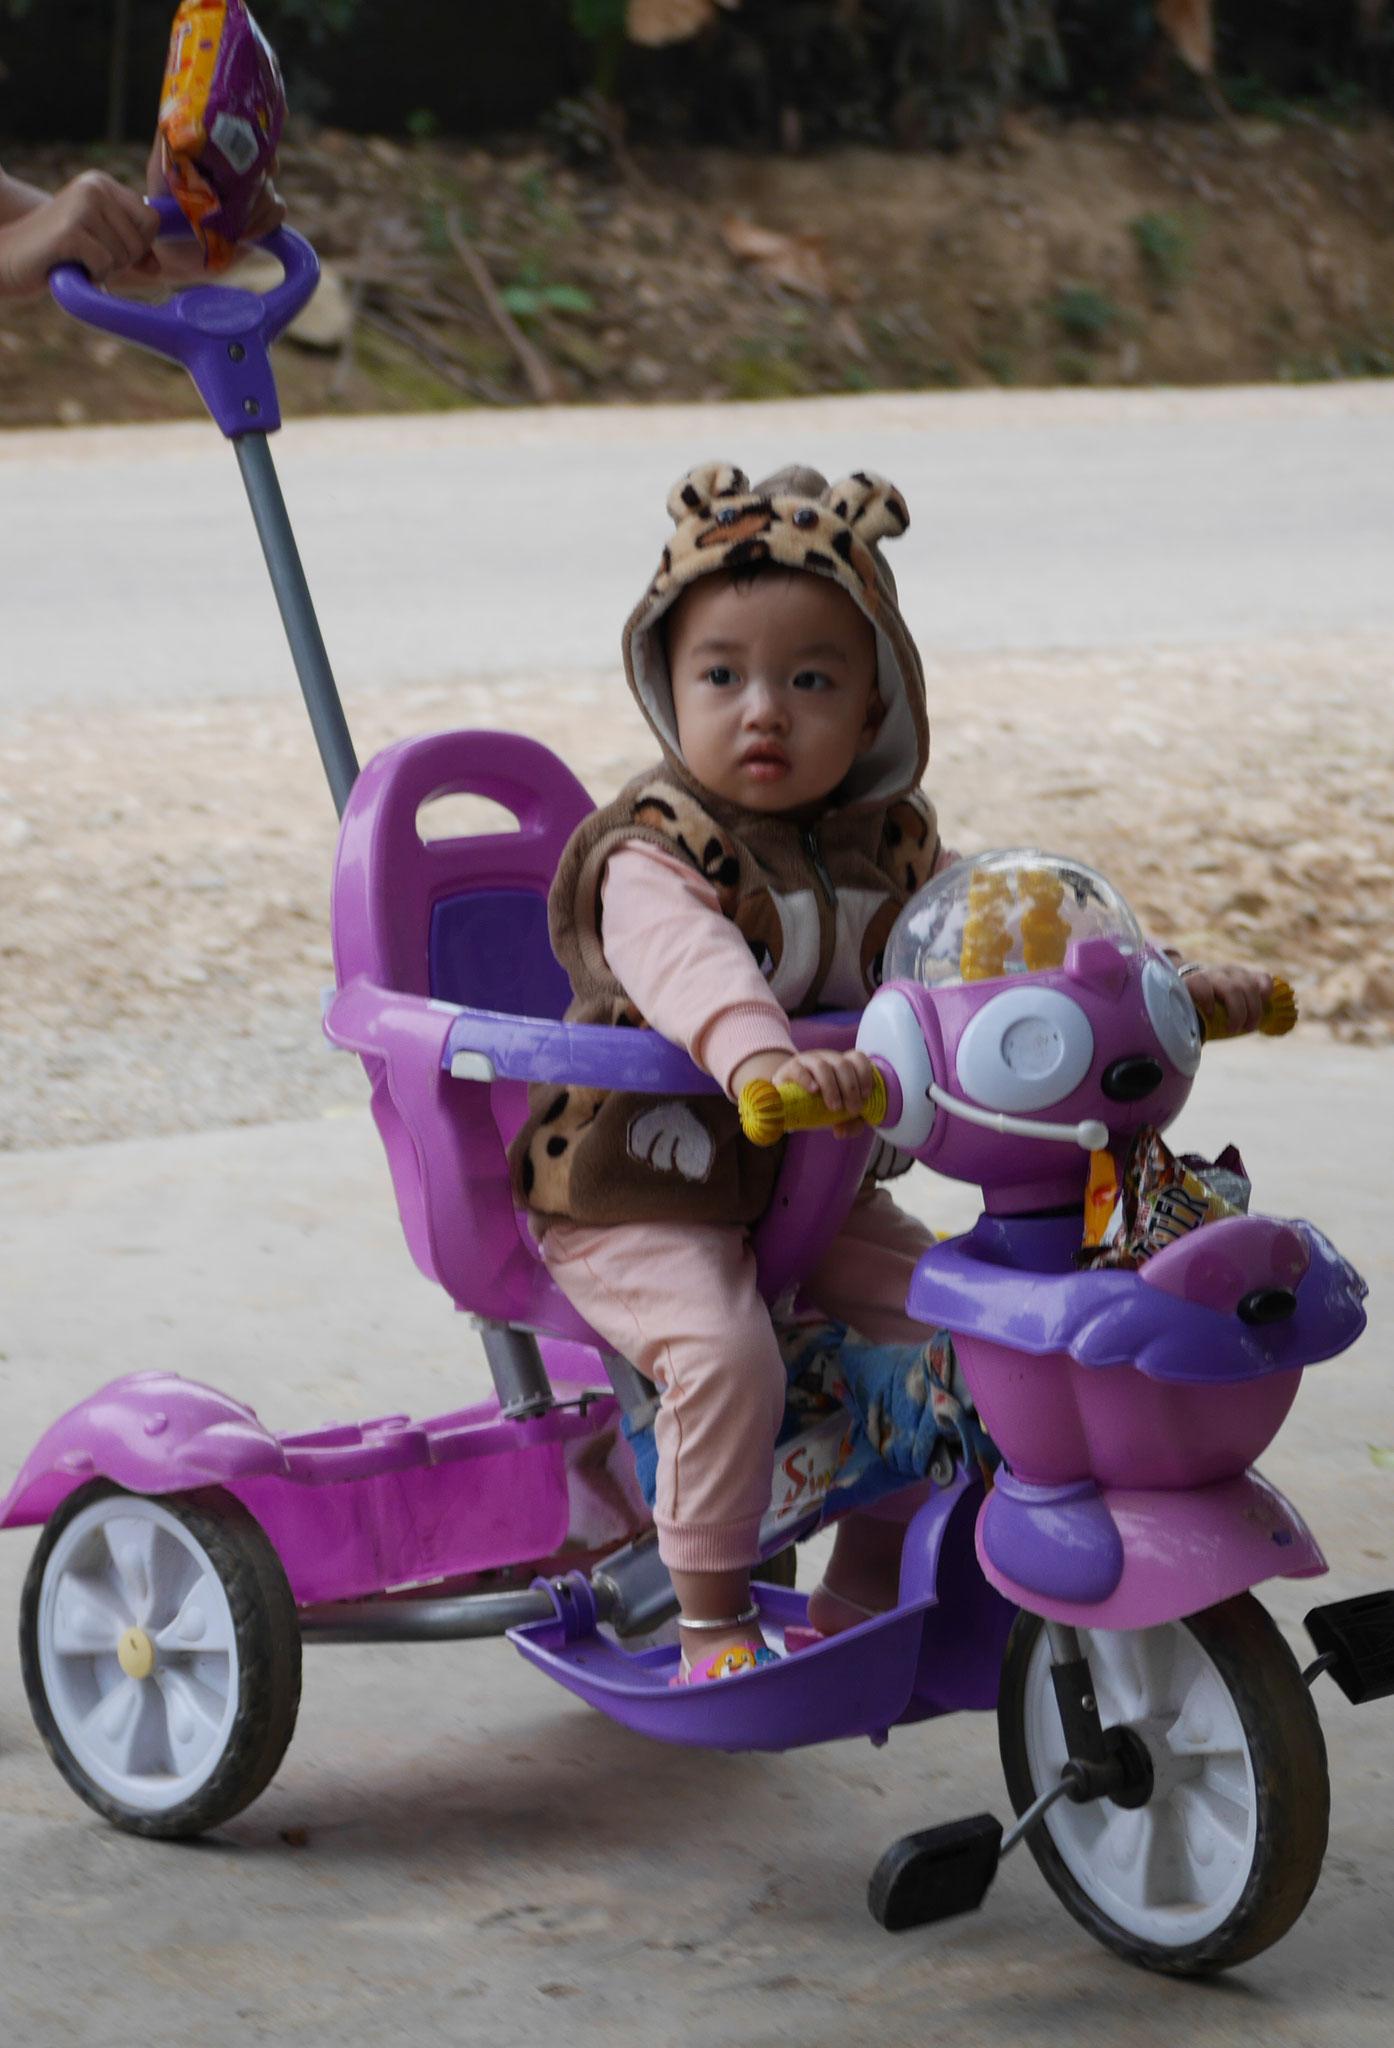 Radtour durch die Reisfelder Mai Chau - Rast an einer Verkaufsstelle